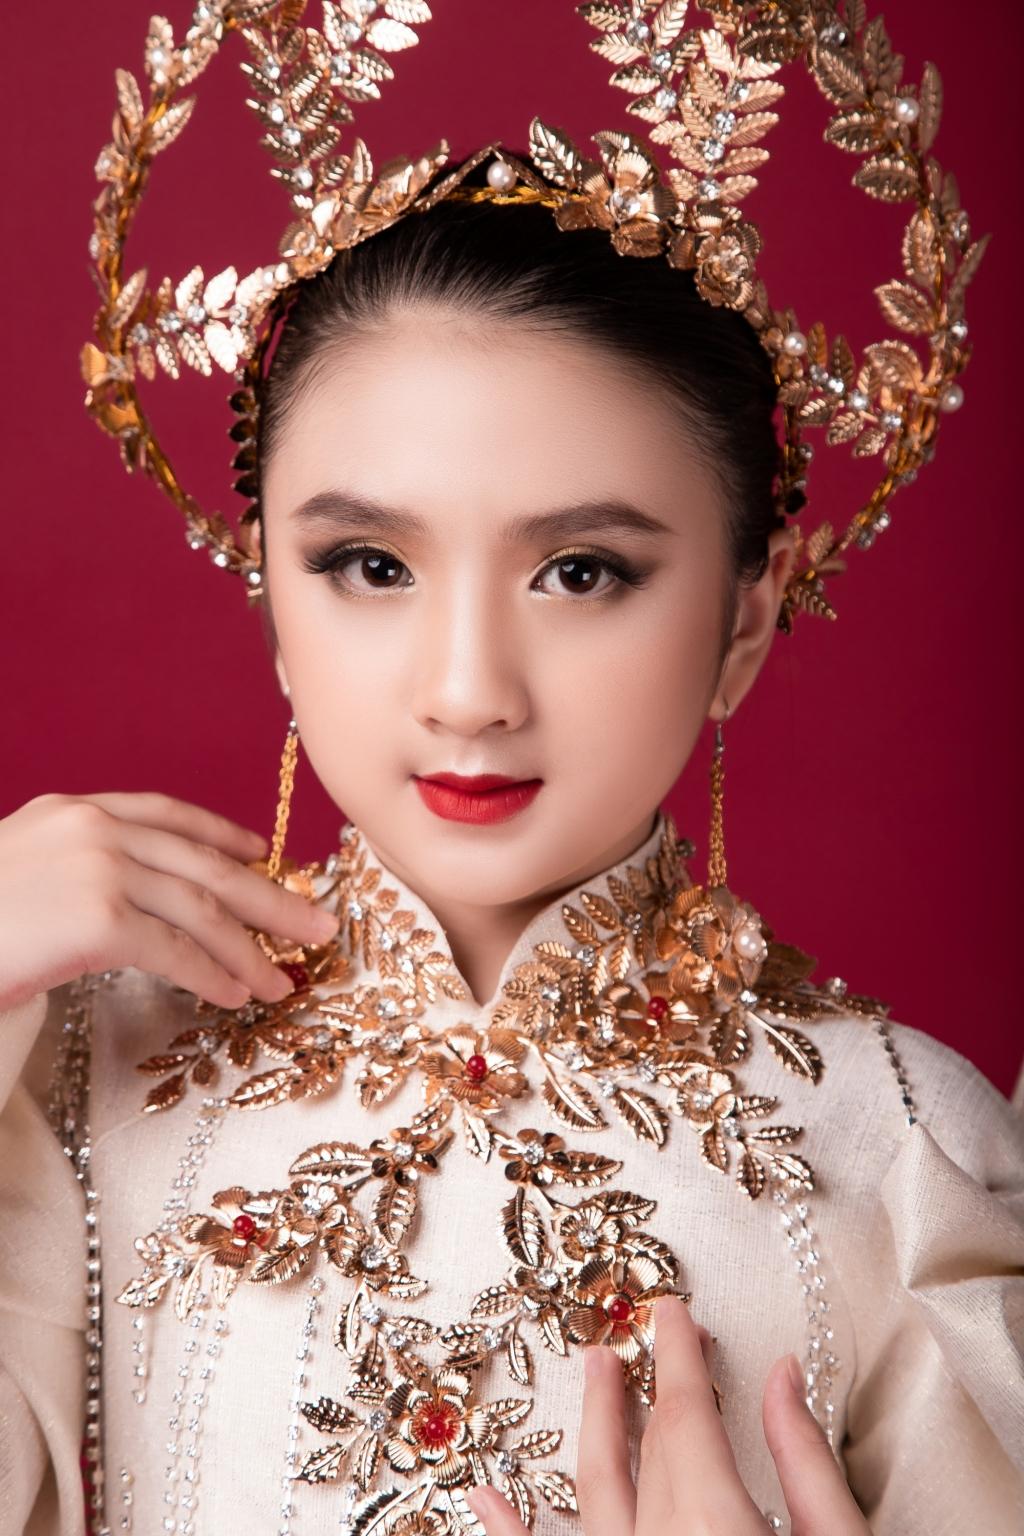 mau nhi giong huong giang dien ao dai cam hung than thoai hy lap